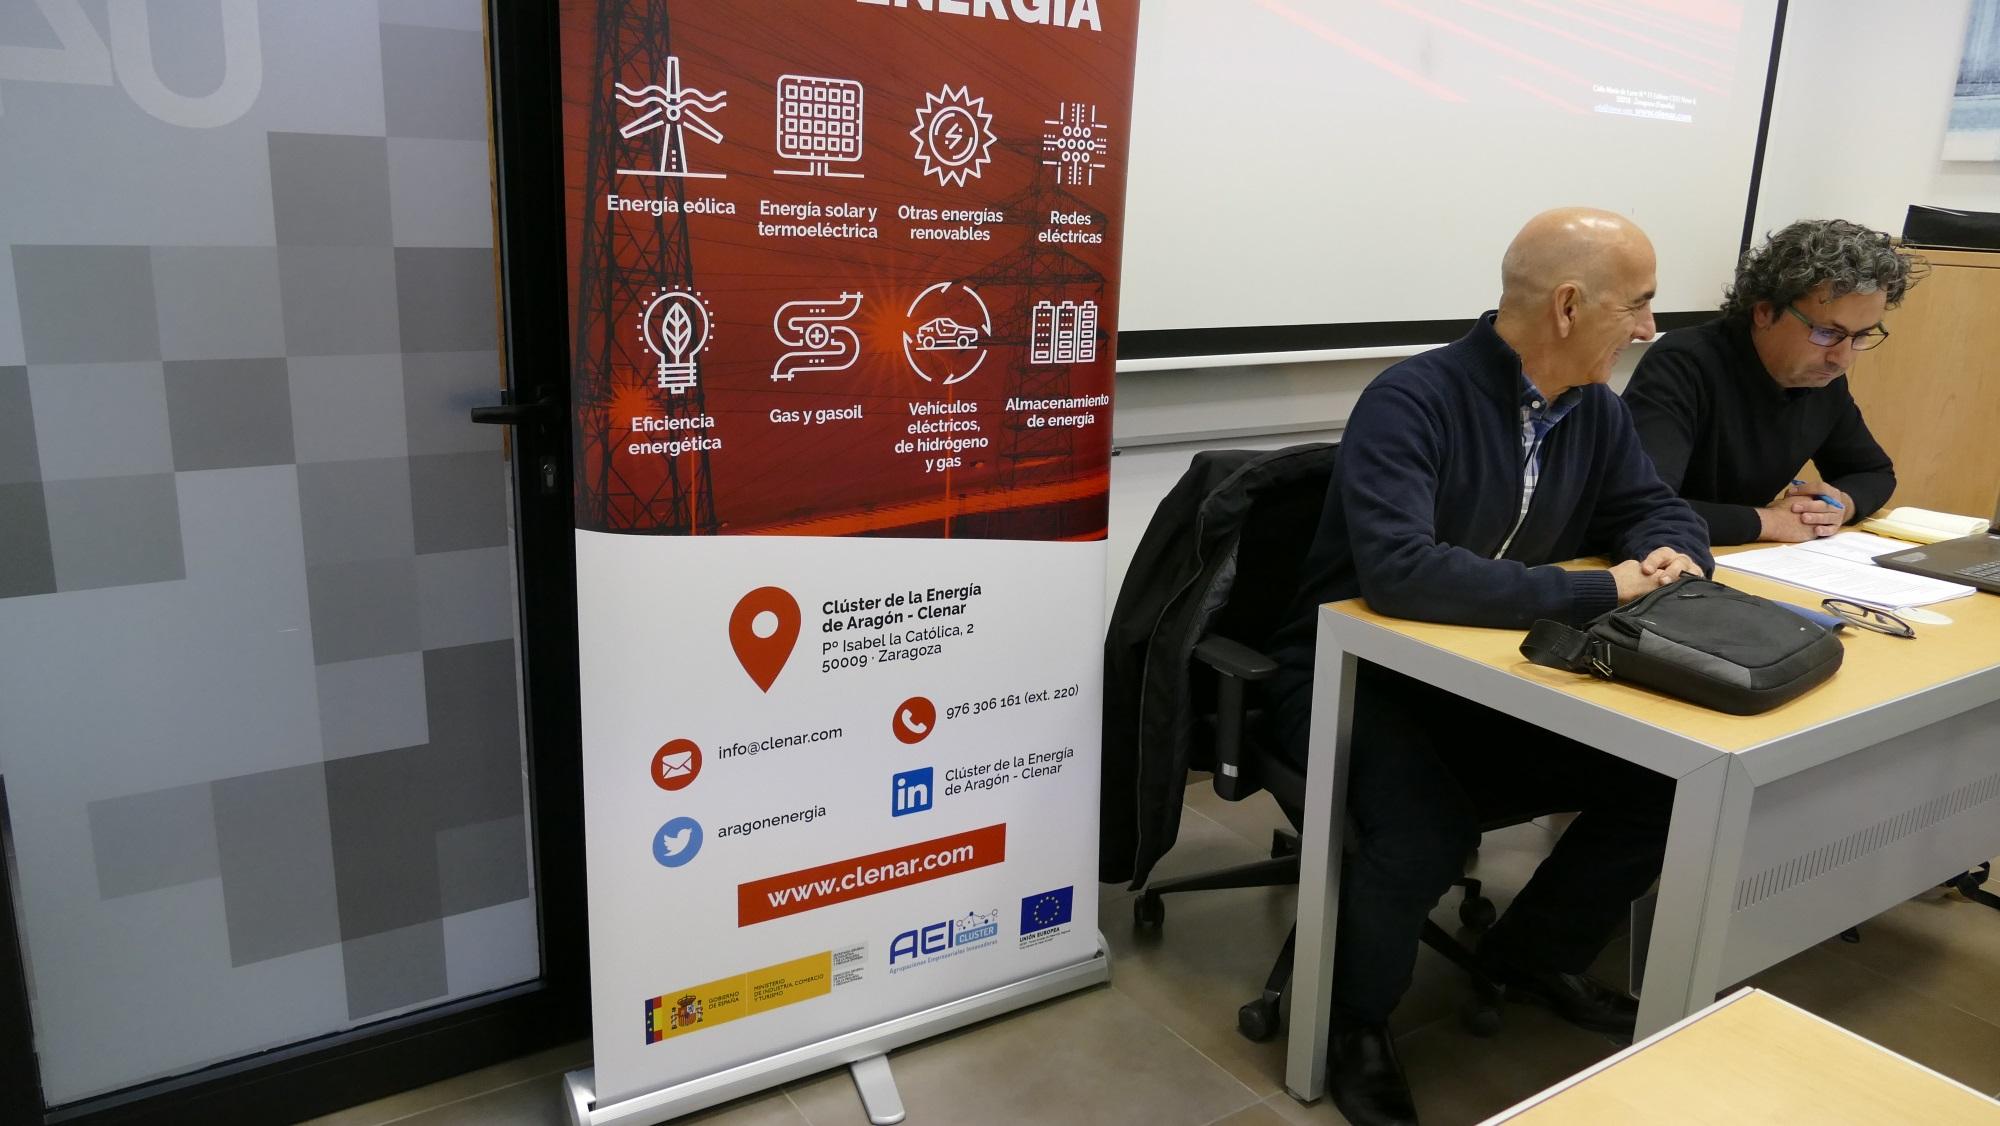 El clúster de la Energía de Aragón celebra un reunión de socios en ITAINNOVA